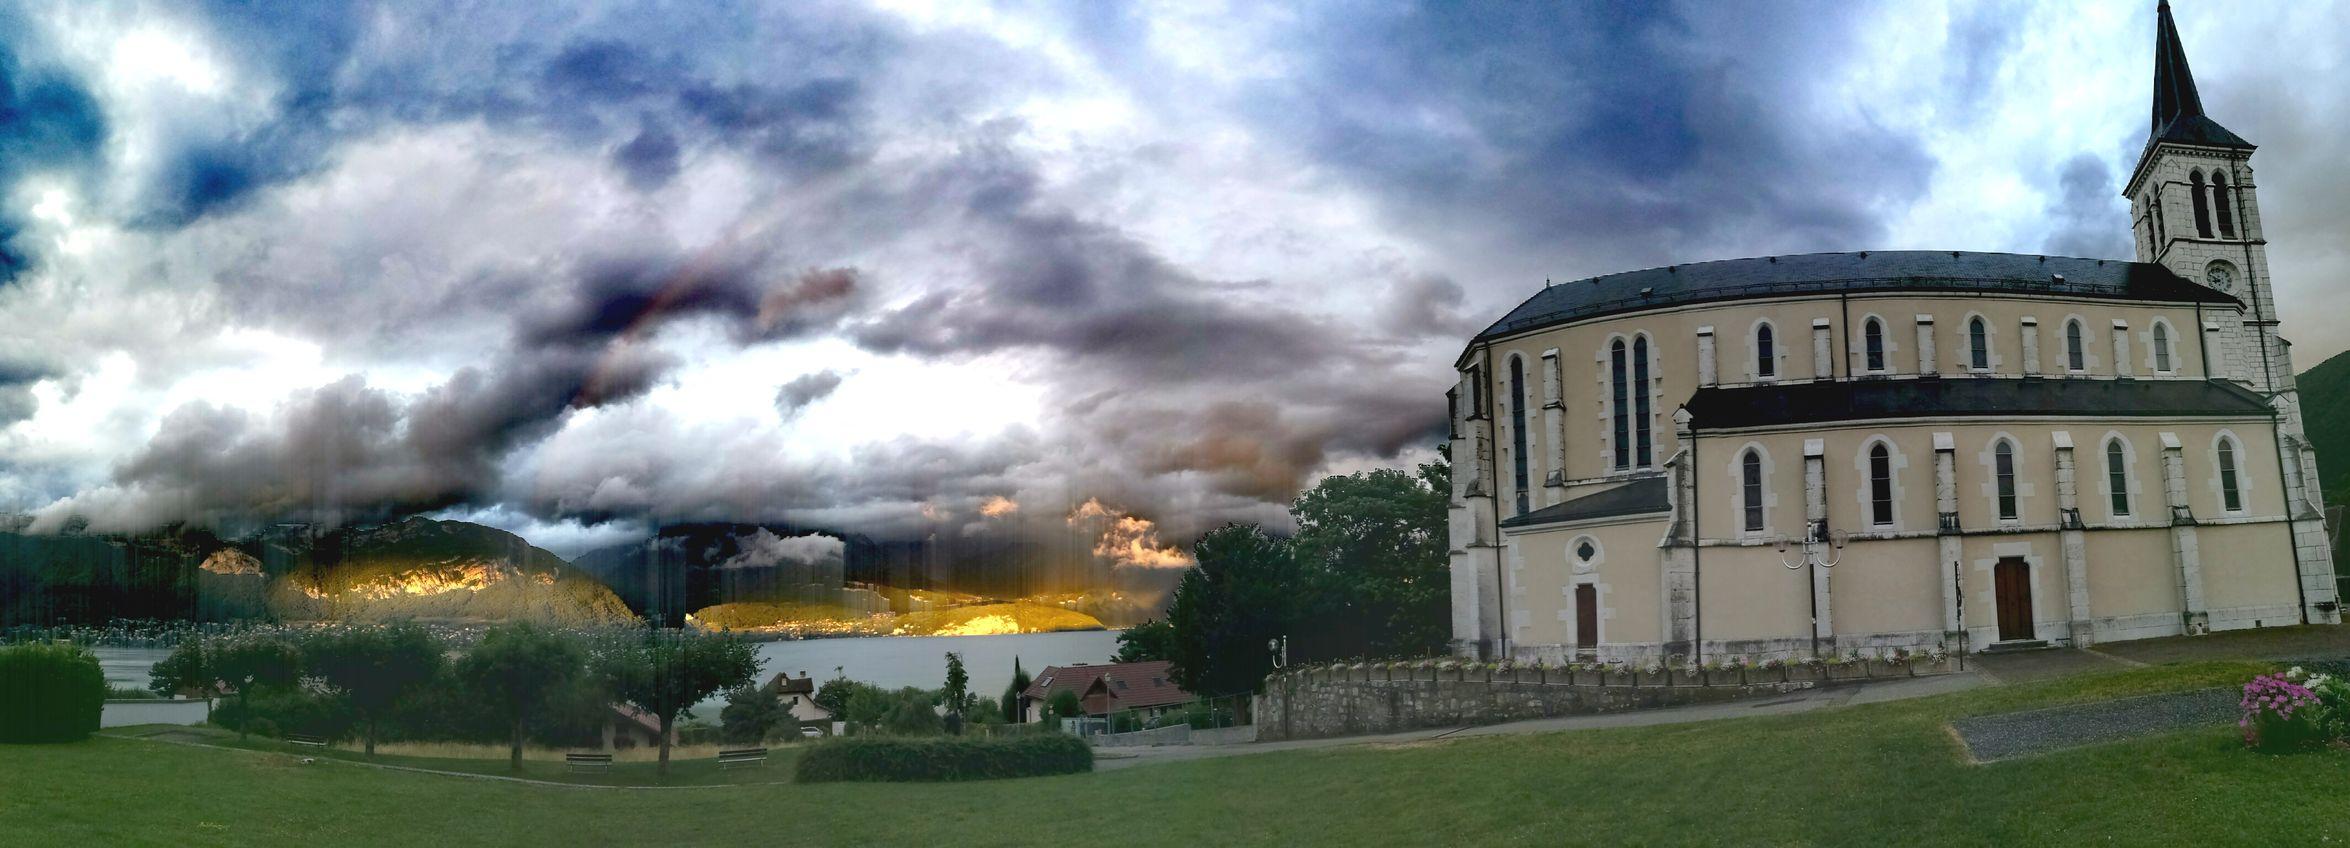 France Sévrier Church Eglise Worldplaces Worldpictures Hautesavoie Landscape Paysage Lac Lake Lake View Ilakeannecy Annecy